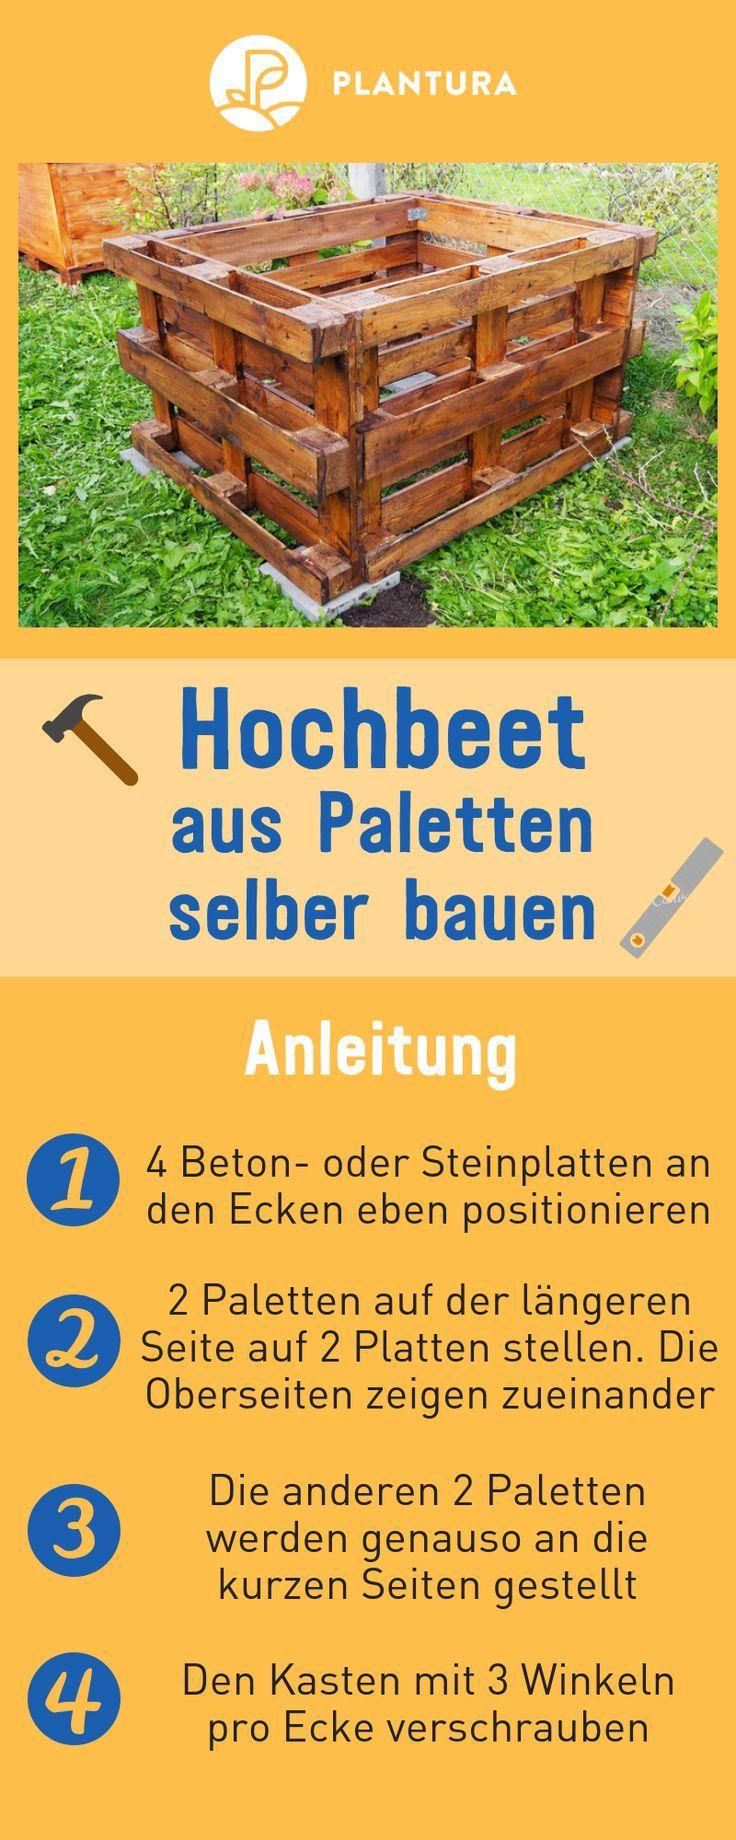 Hochbeet Bauen Video Anleitung Zum Selberbauen Hochbeet Hochbeet Aus Paletten Und Hochbeet Bauen